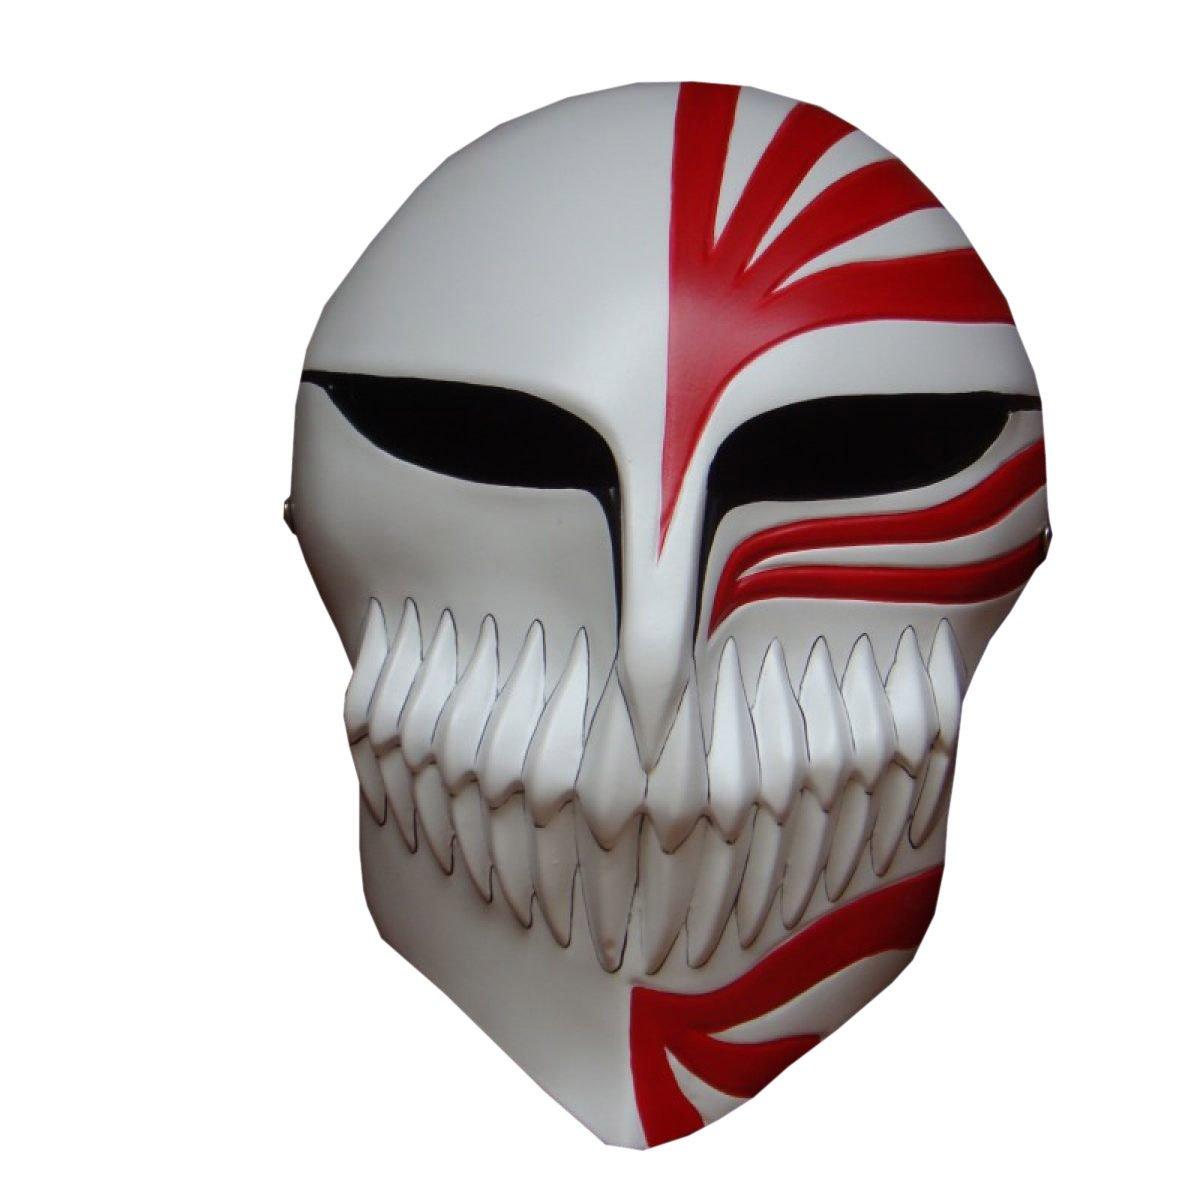 Nihiug Totenmasken Halloween Horror Anime C Totenmasken Nihiug